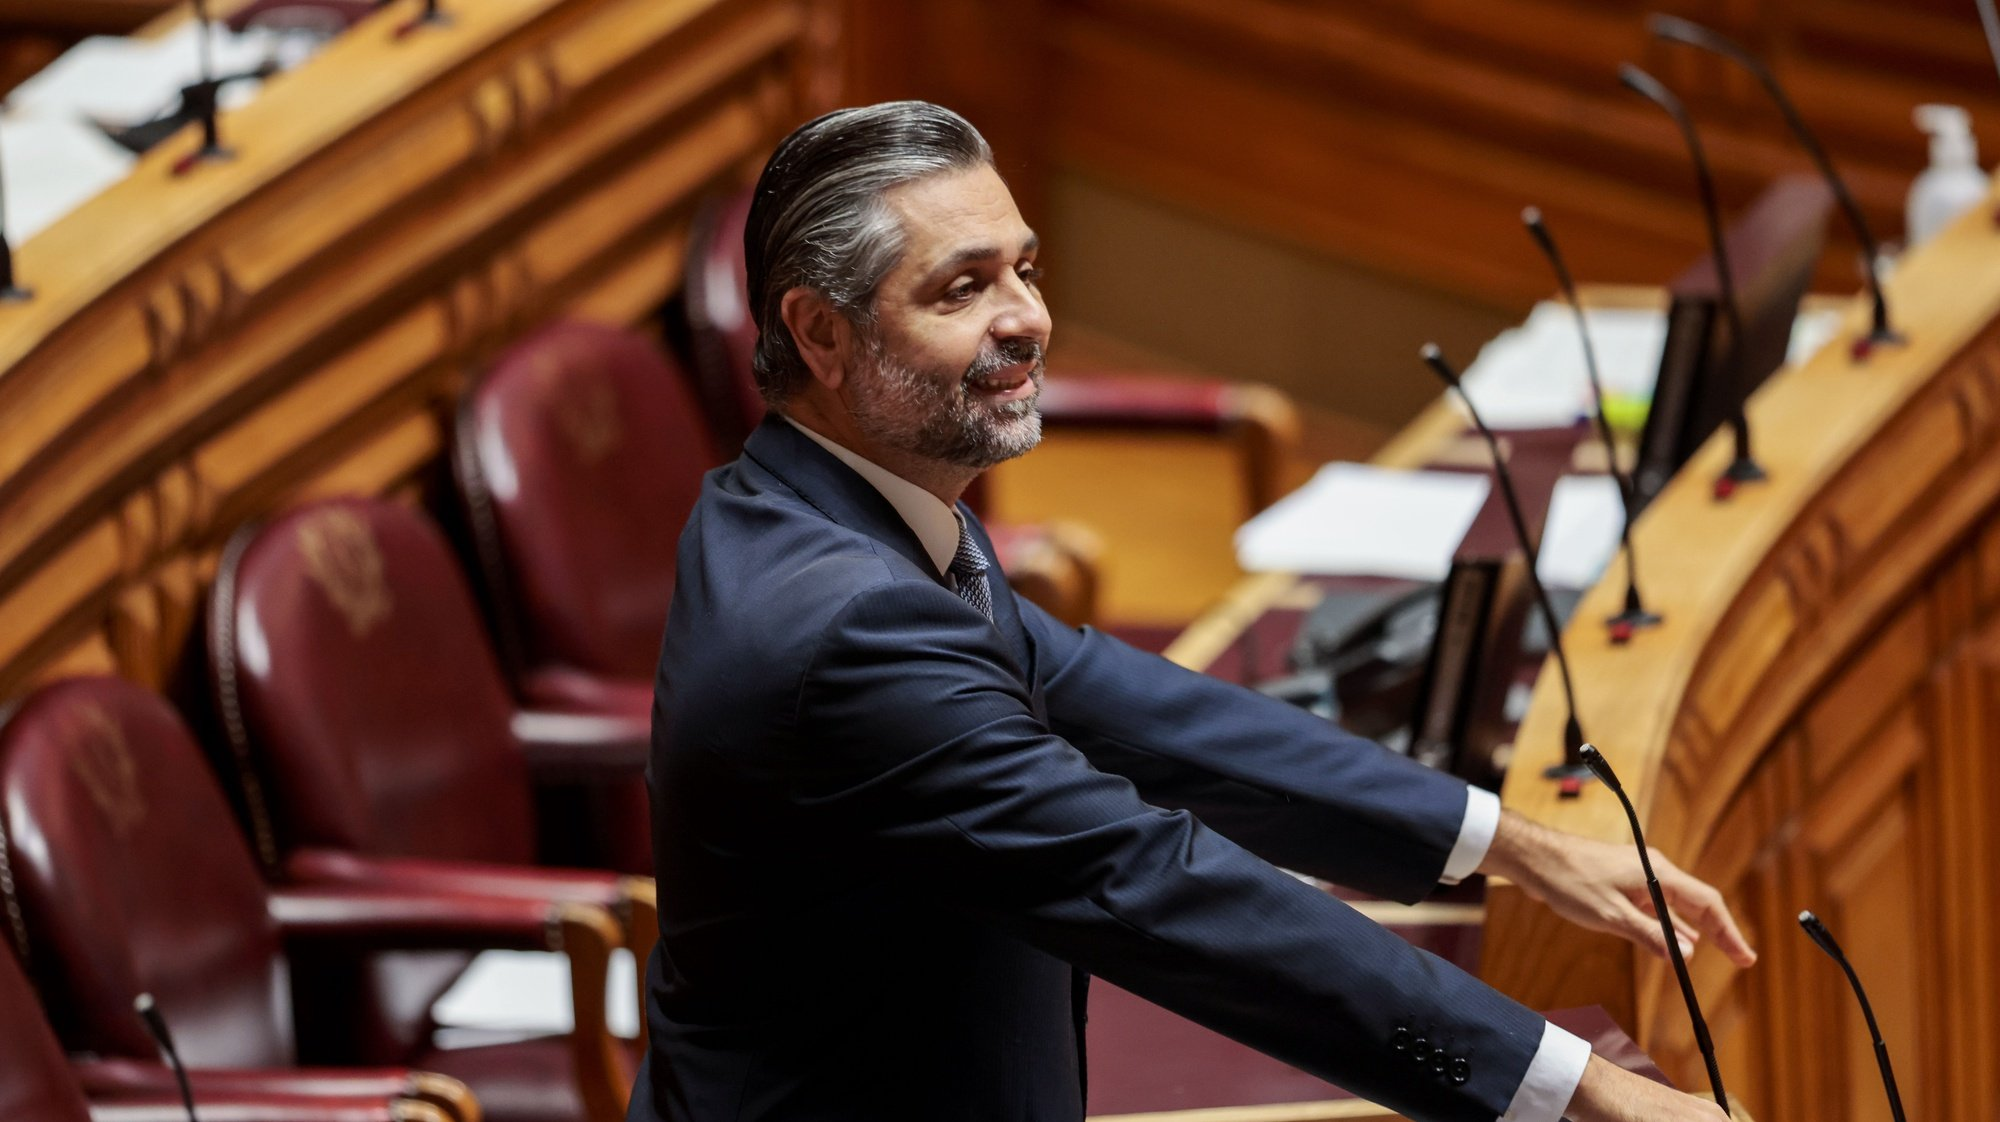 O deputado do Partido Social Democrata (PSD) Cristóvão Norte intervém durante a sessão plenária sobre política setorial, requerido pelo grupo parlamentar do PS, na Assembleia da República, em Lisboa, 11 de dezembro de 2020. JOSÉ SENA GOULÃO/LUSA